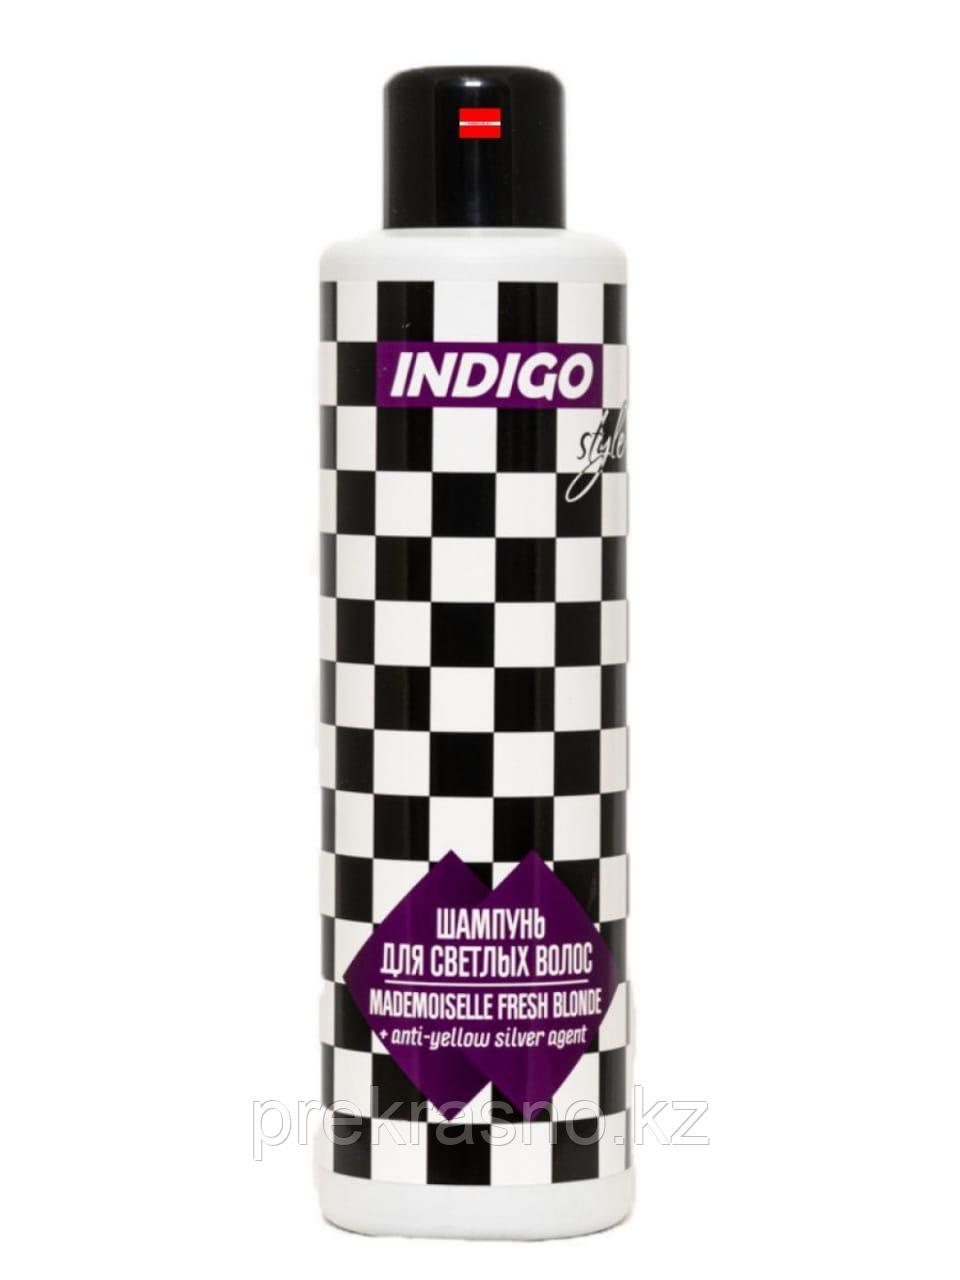 Шампунь 1л INDIGO STYLE для светлых волос с серебристым агентом Ag Белый шоколад